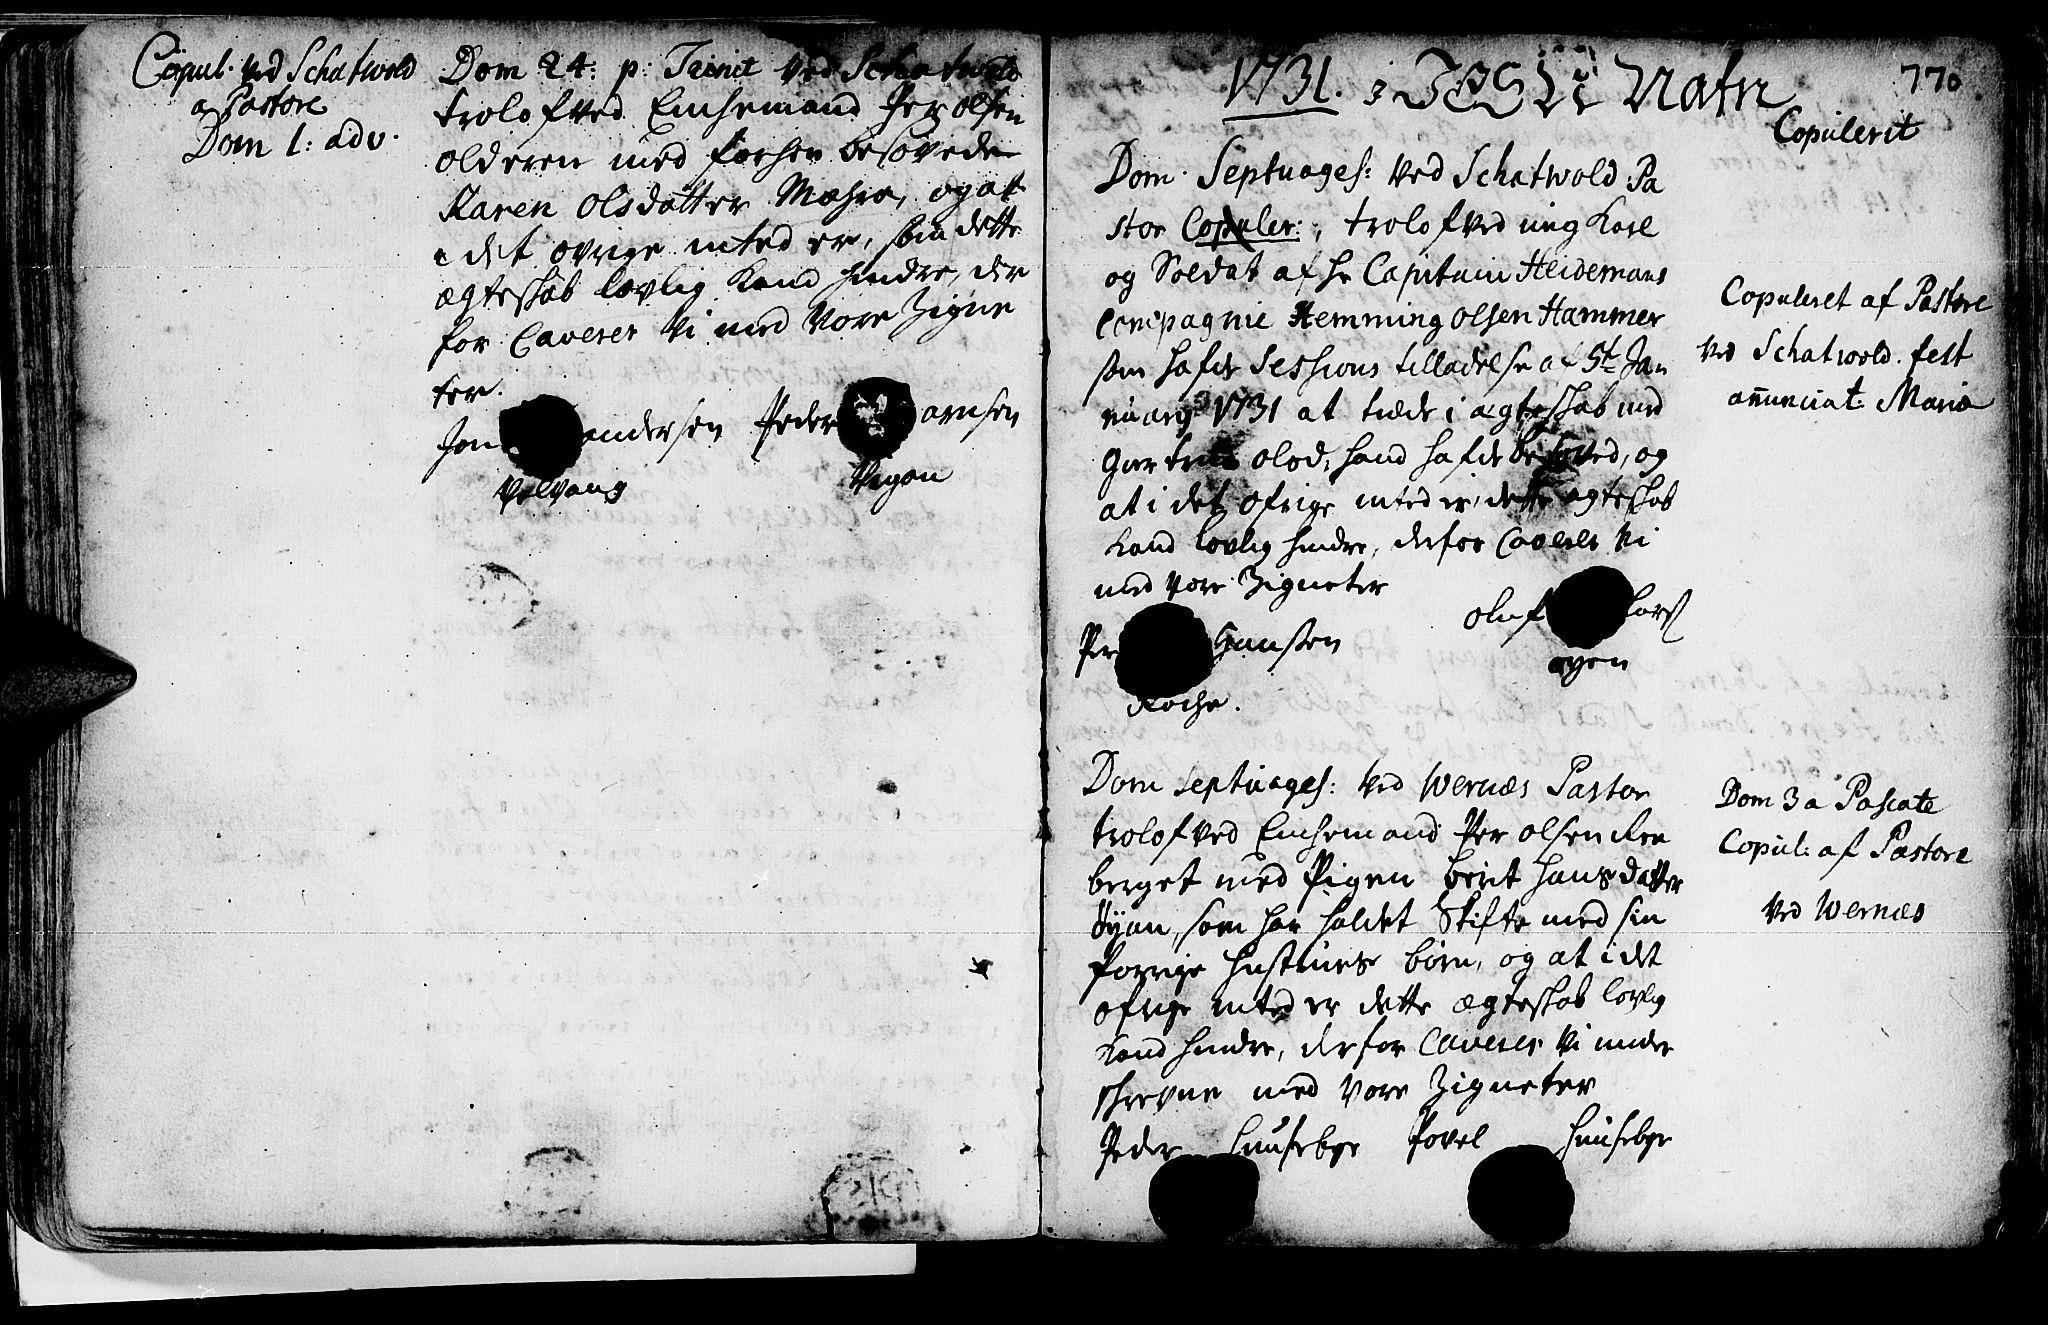 SAT, Ministerialprotokoller, klokkerbøker og fødselsregistre - Nord-Trøndelag, 709/L0055: Ministerialbok nr. 709A03, 1730-1739, s. 769-770